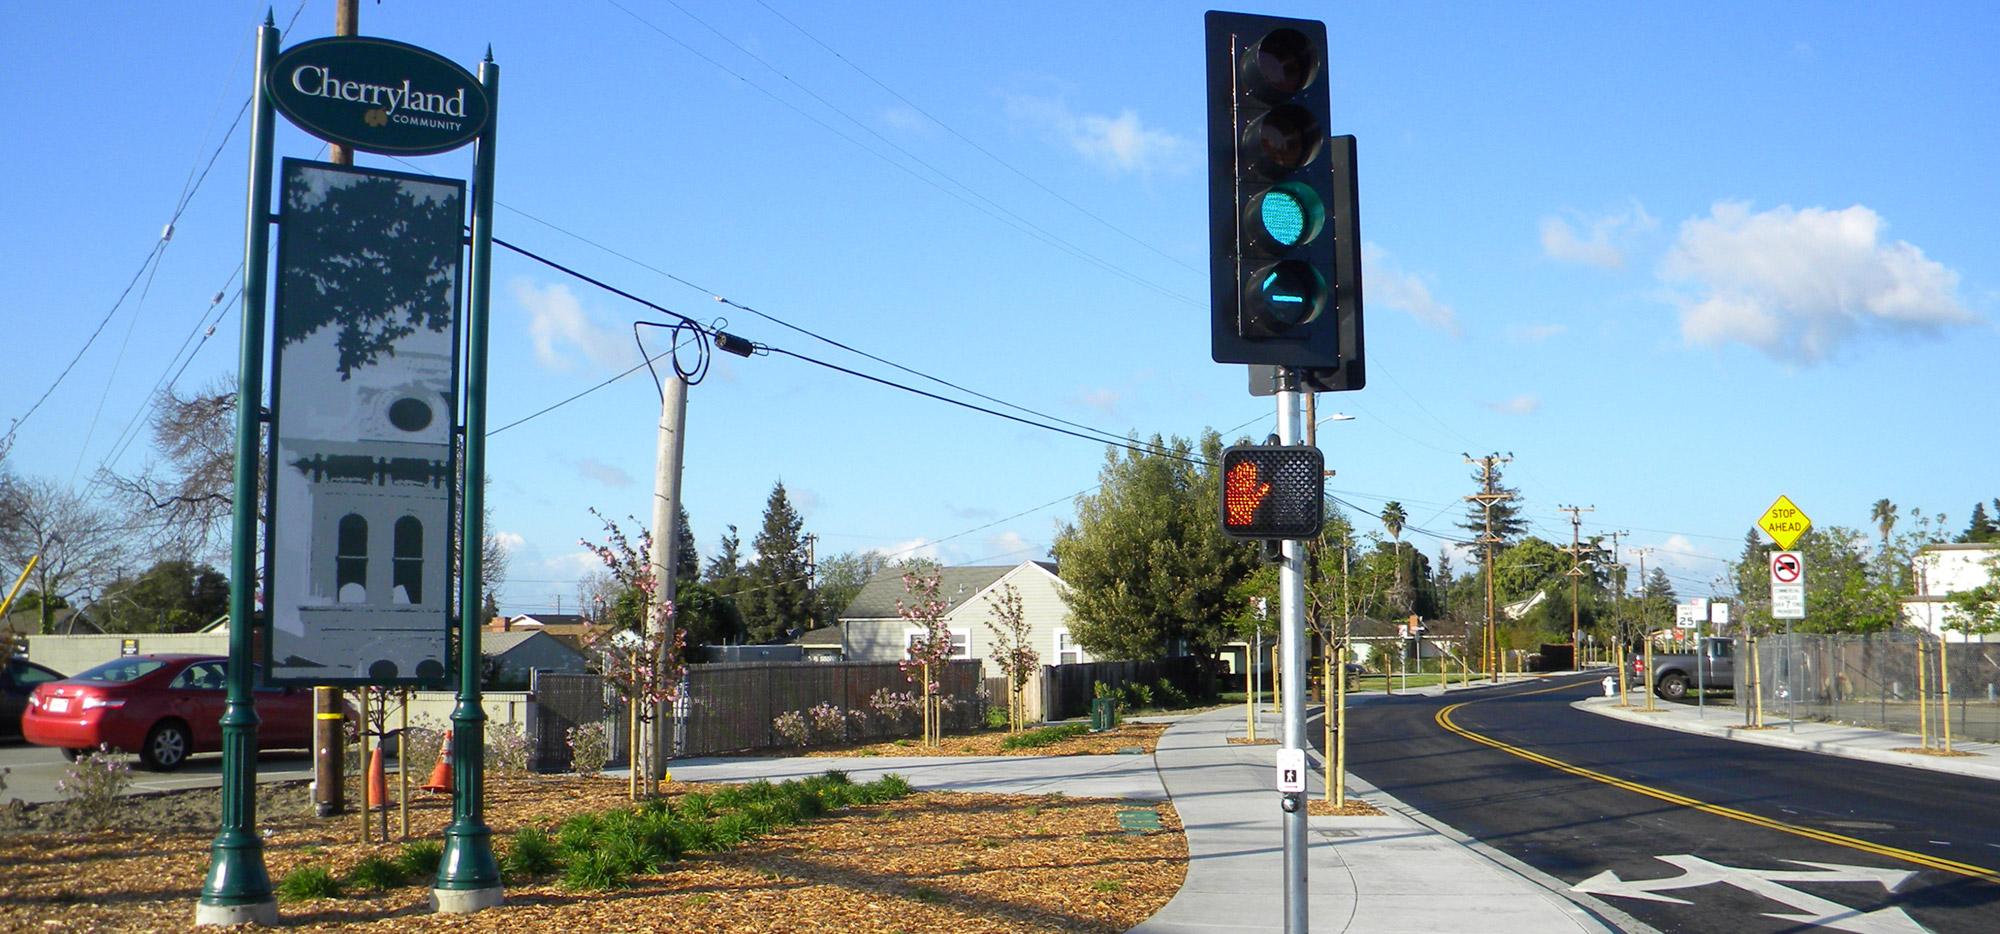 Cherryland gateway sign